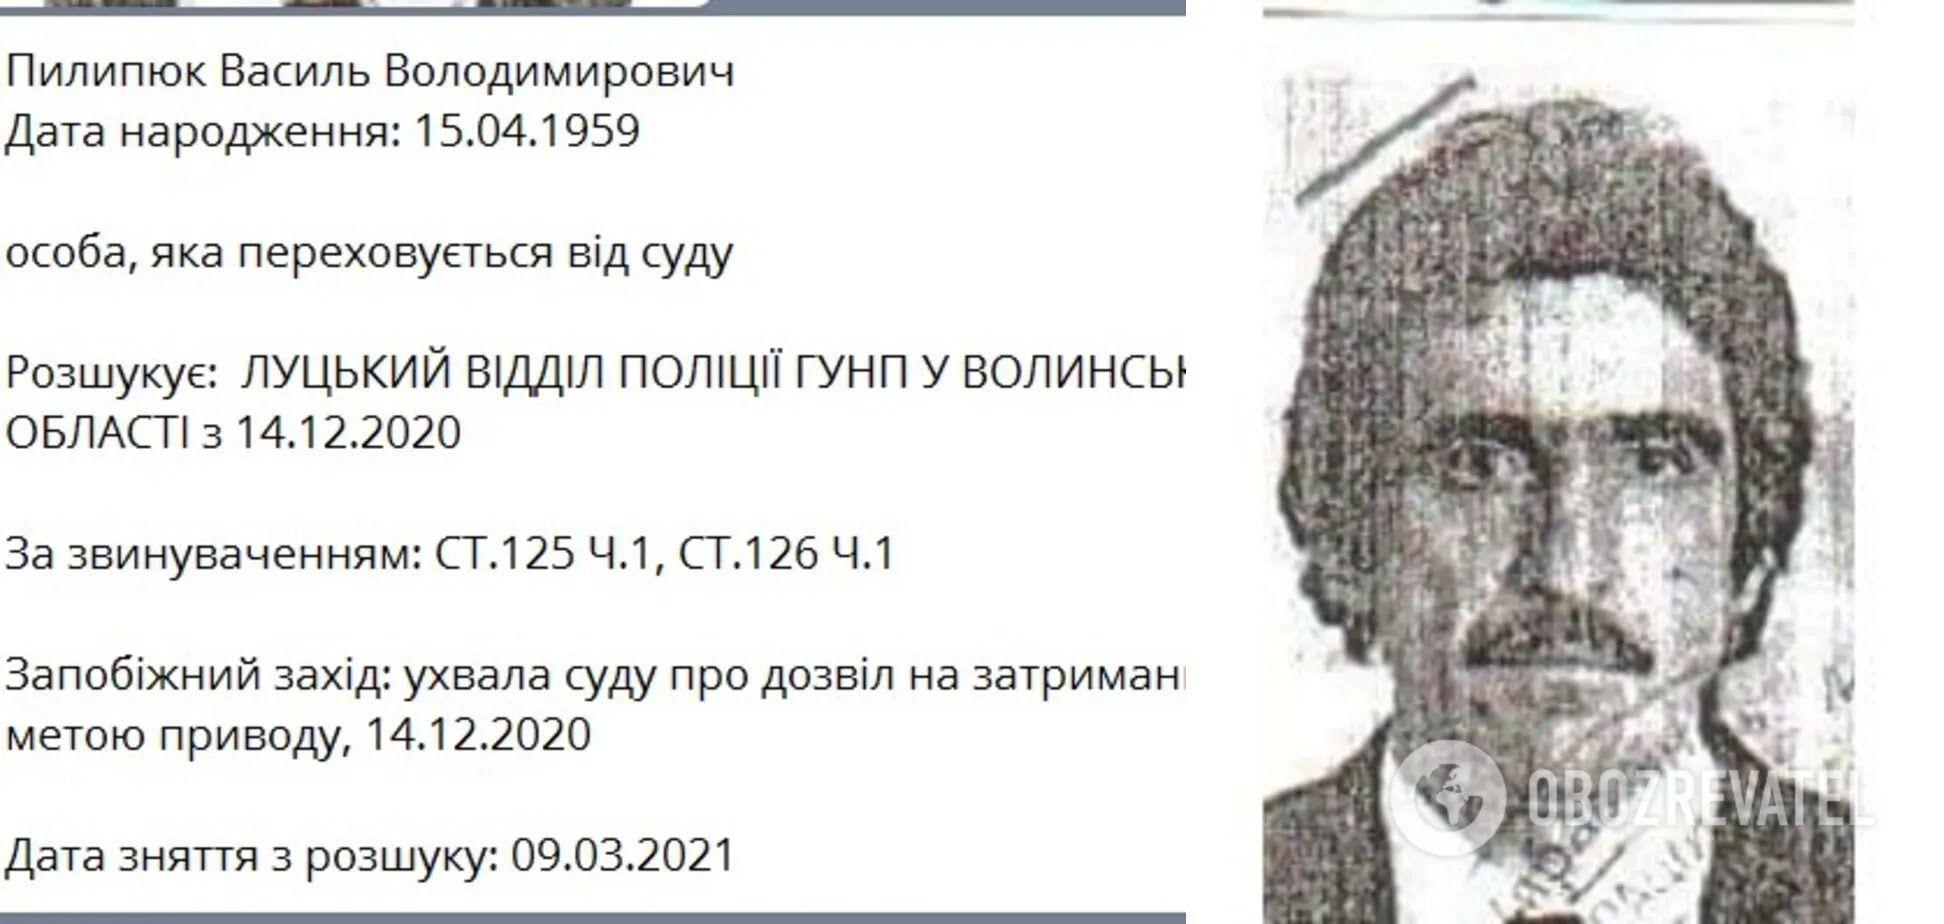 Василий Пилипюк скрывался от суда